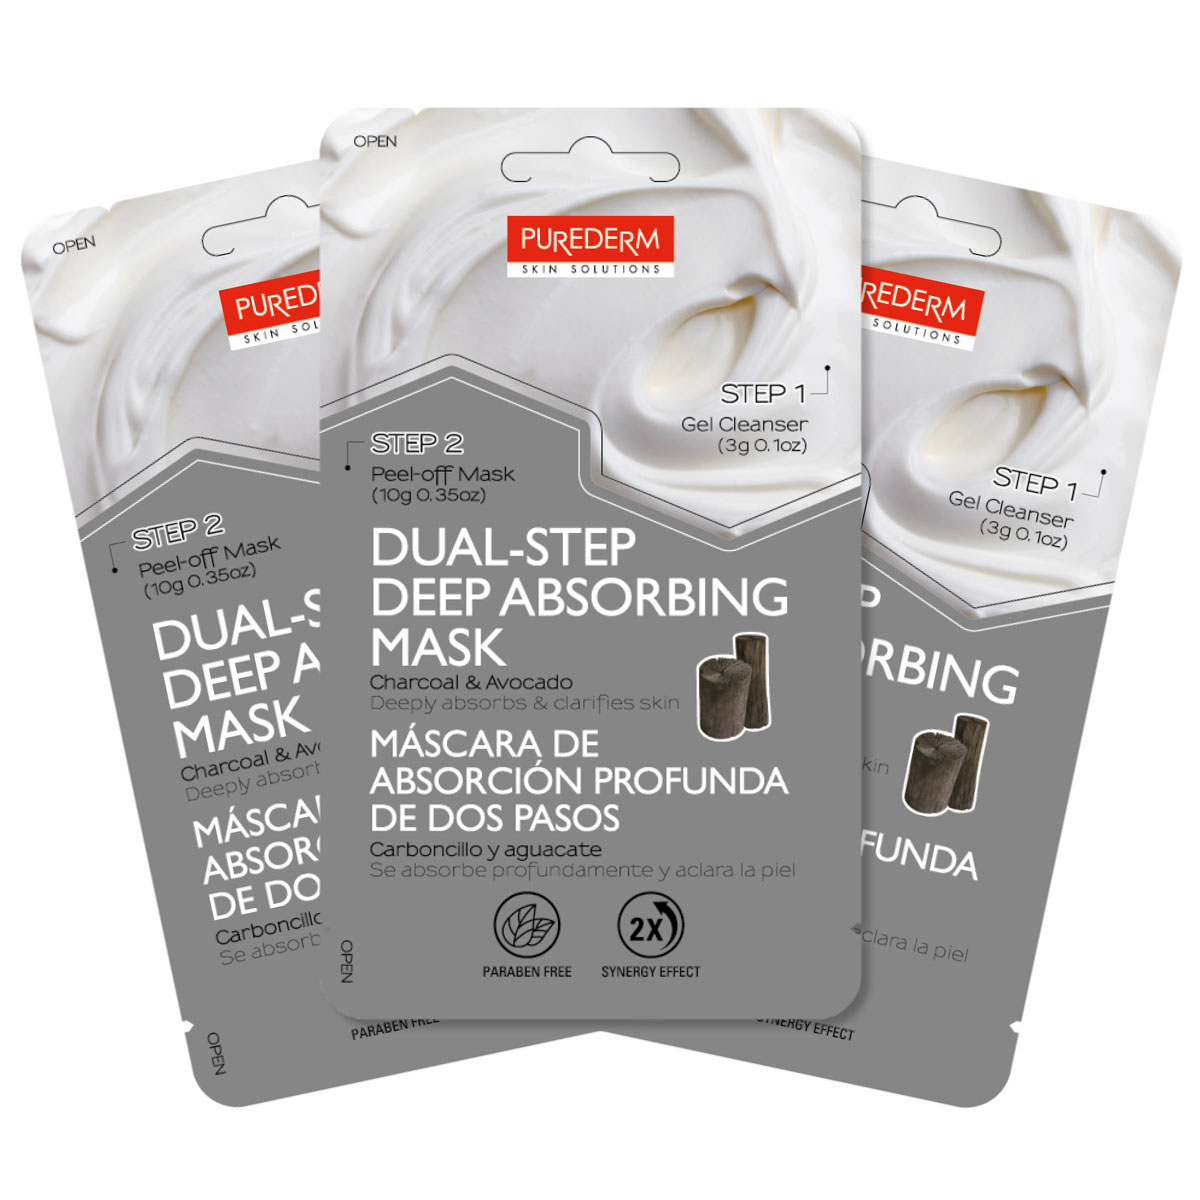 Purederm Набор Двойной уход: Очищающий гель, 3 г + Маска-пленка с углем и авокадо, 10 г pu jing xin purederm увлажняющая маска поры combo combo маски очищающие салфетки пакеты по уходу